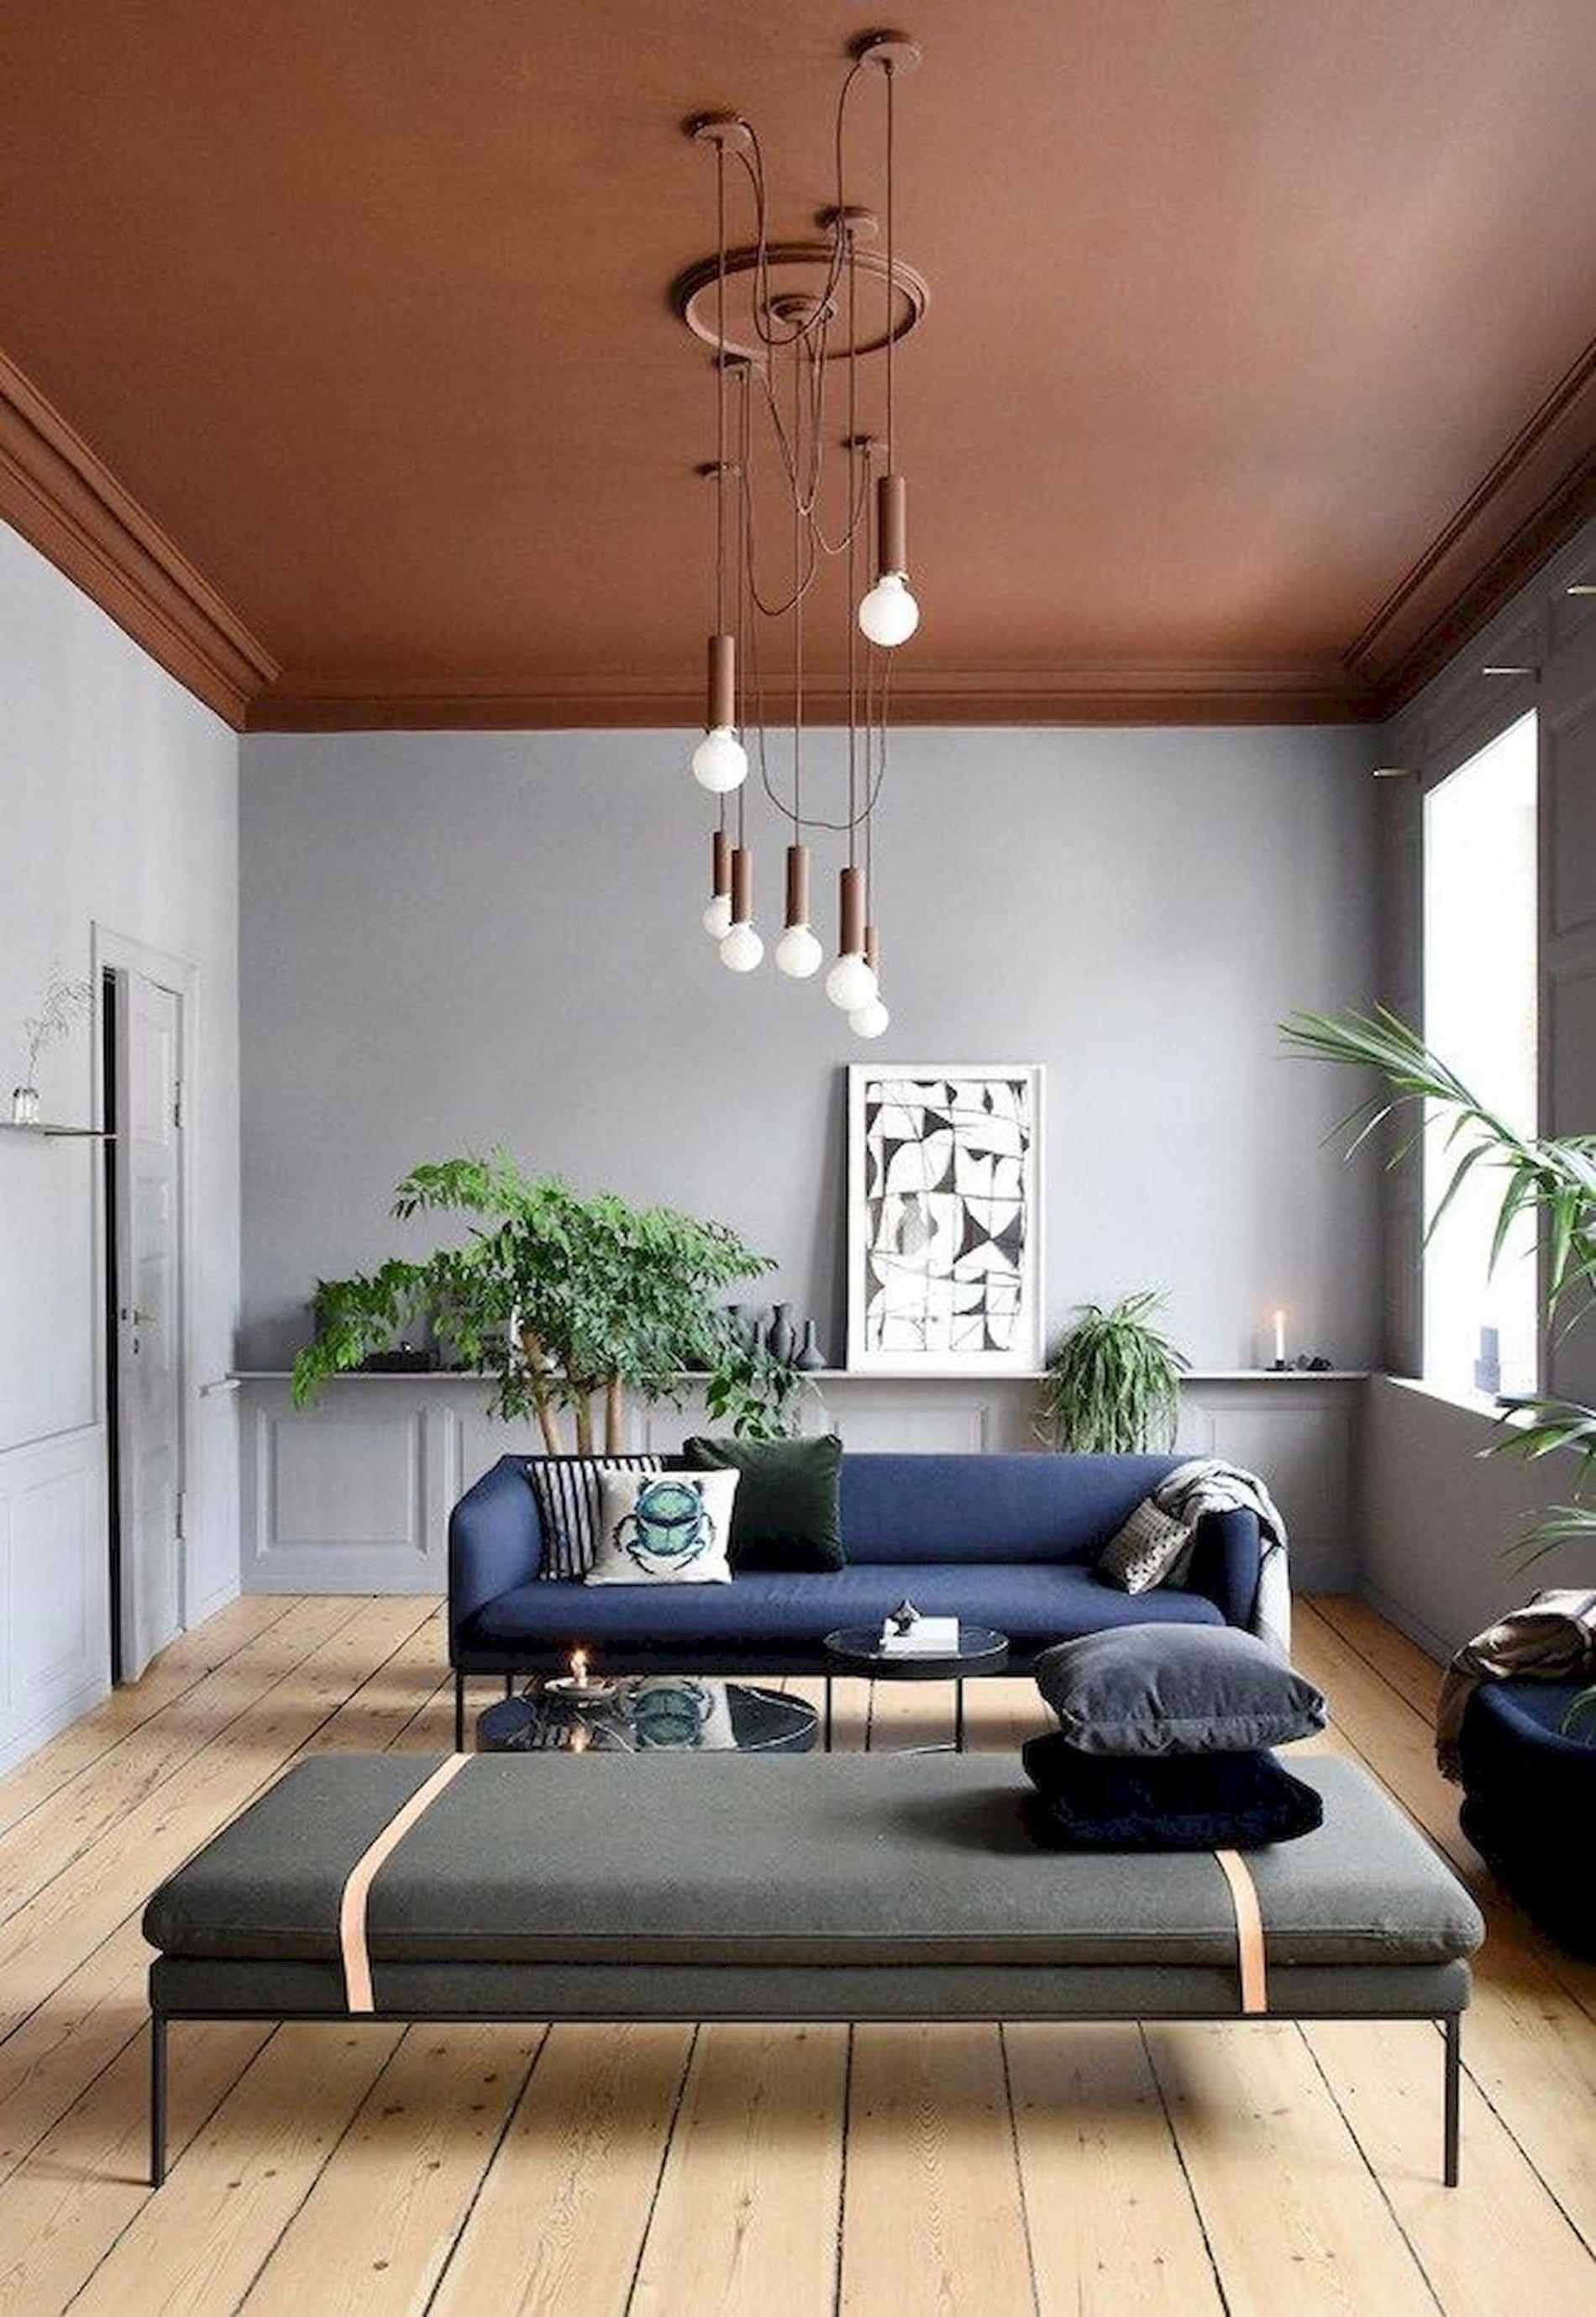 soffitto colorato ispirazioni soffitto terracotta